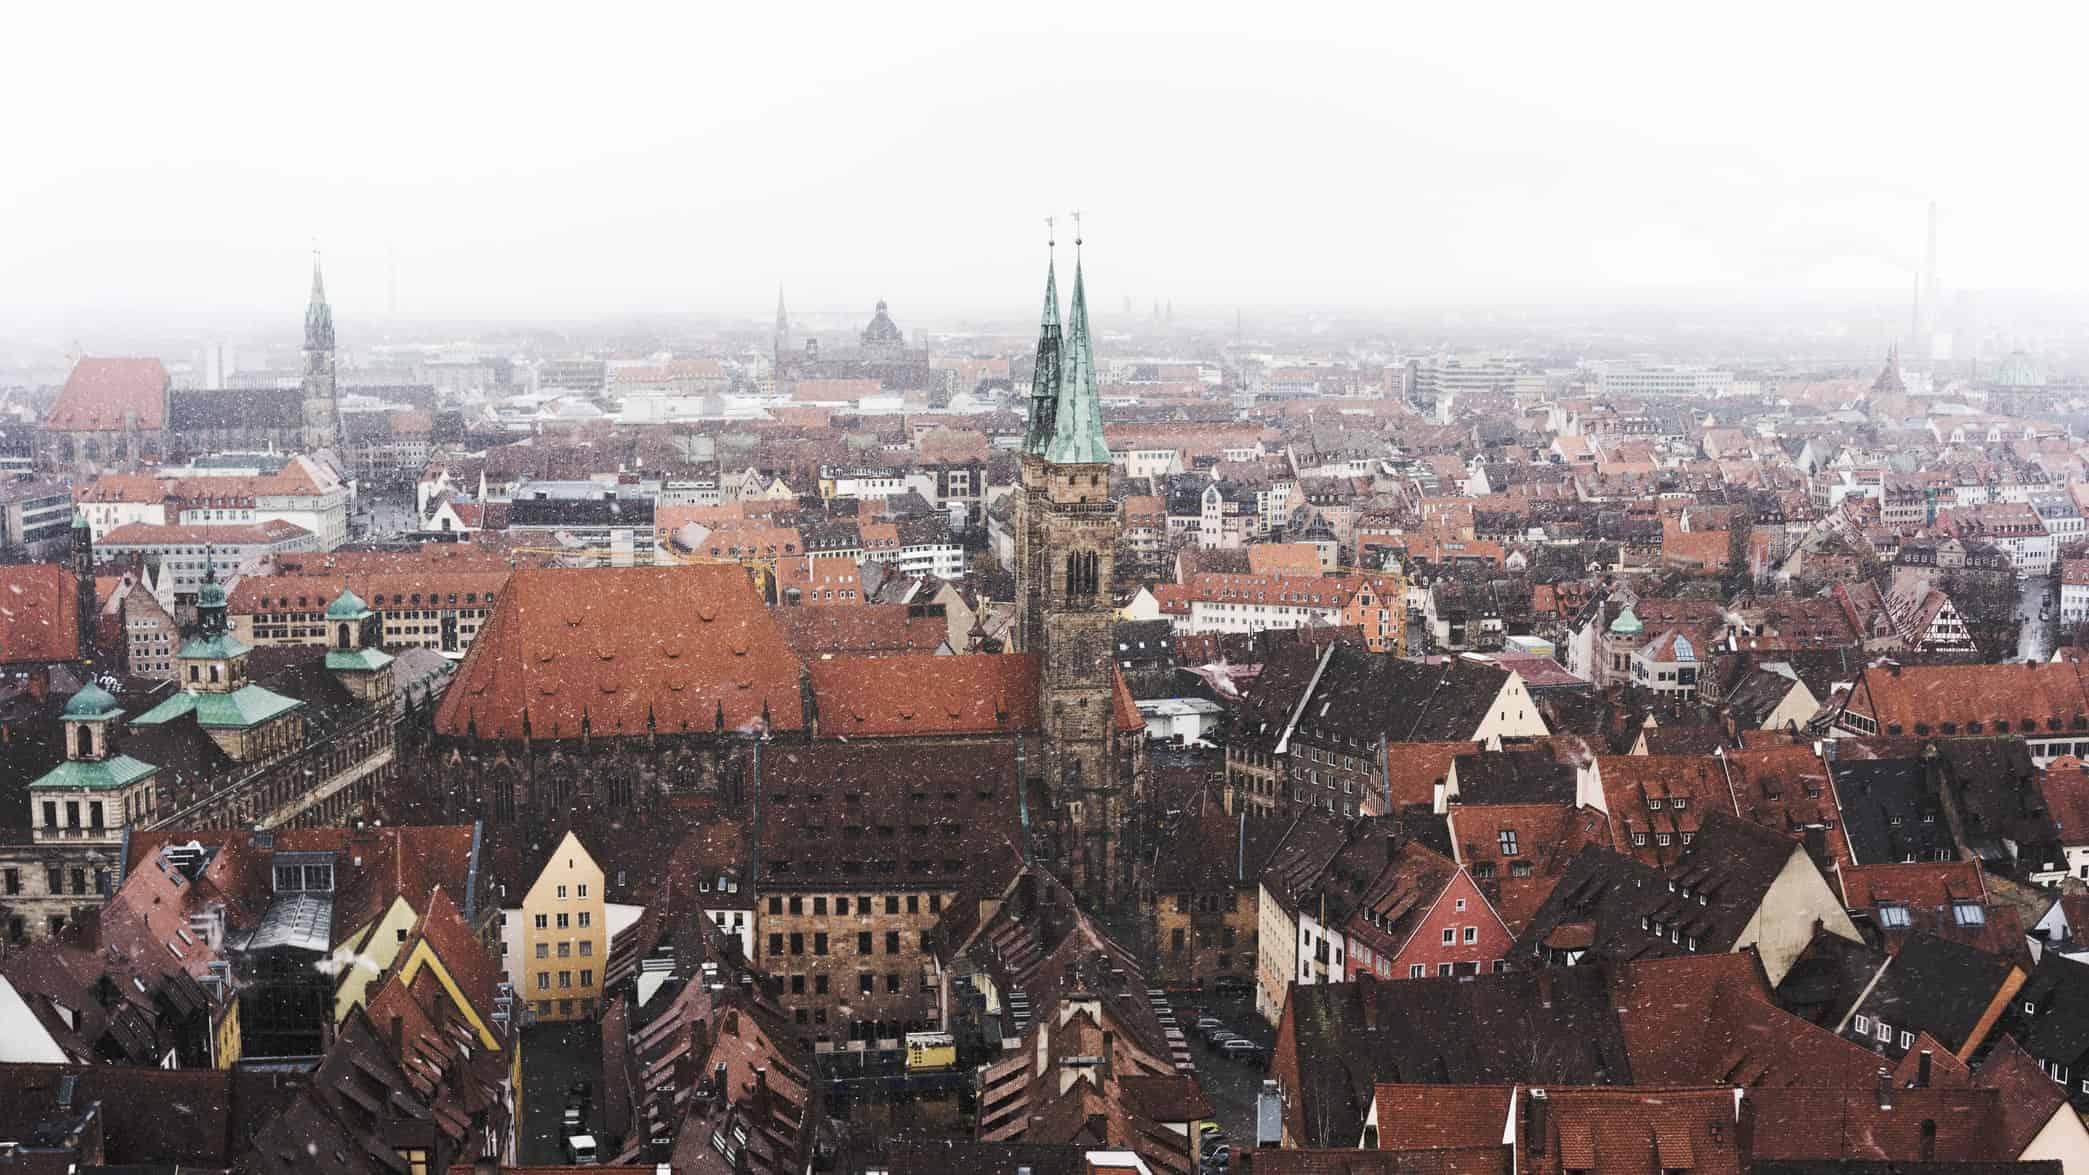 Immobilieninvestor in Nürnberg - Büroimmobilie für 18 Mio. Euro geht an CLS